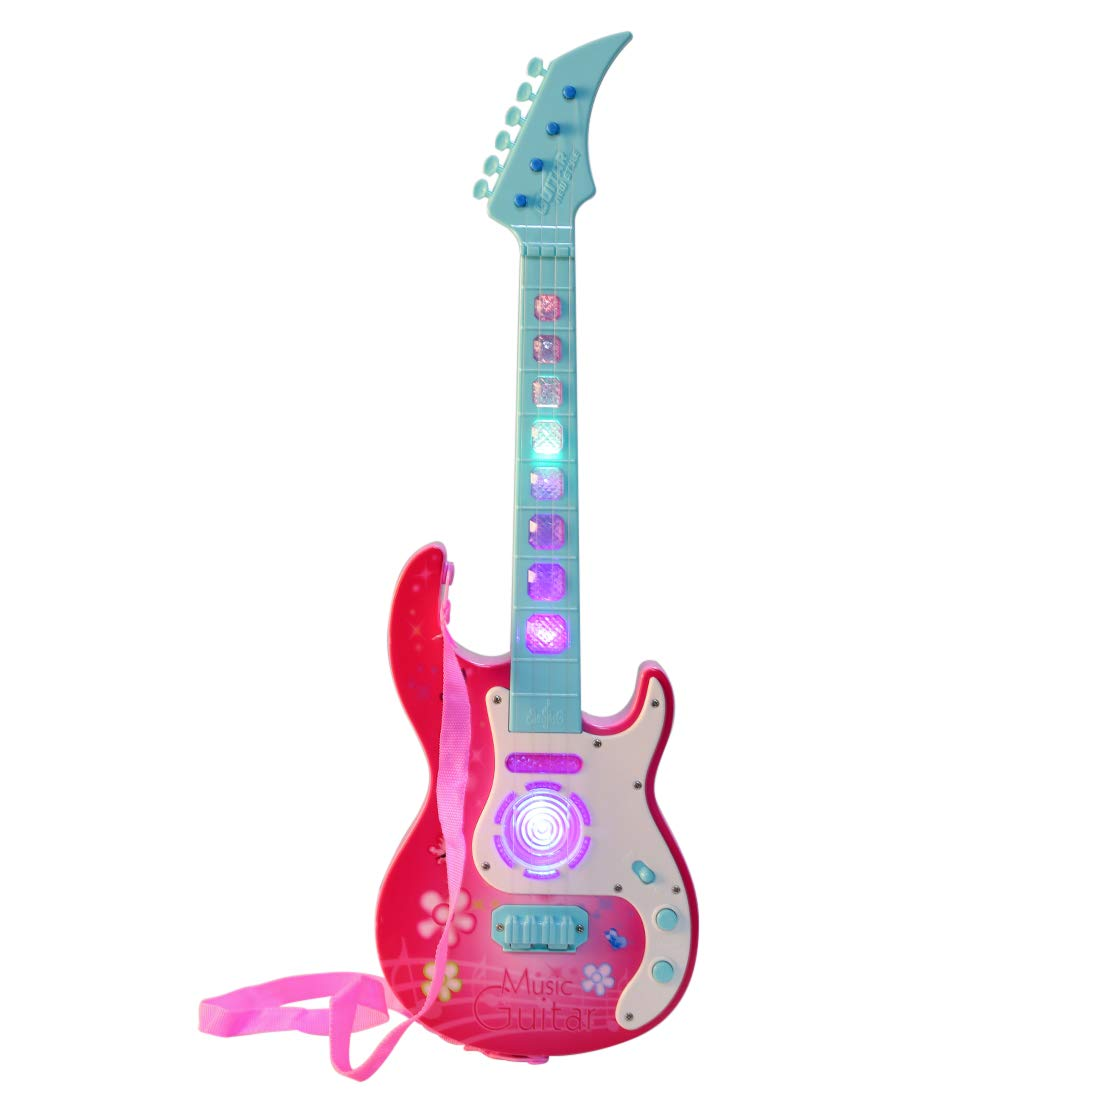 OviTop Guitare Enfant Guitare Electrique Enfant Jouet Star Guitare Instrument de Musique pour Enfant de 2+ Ans